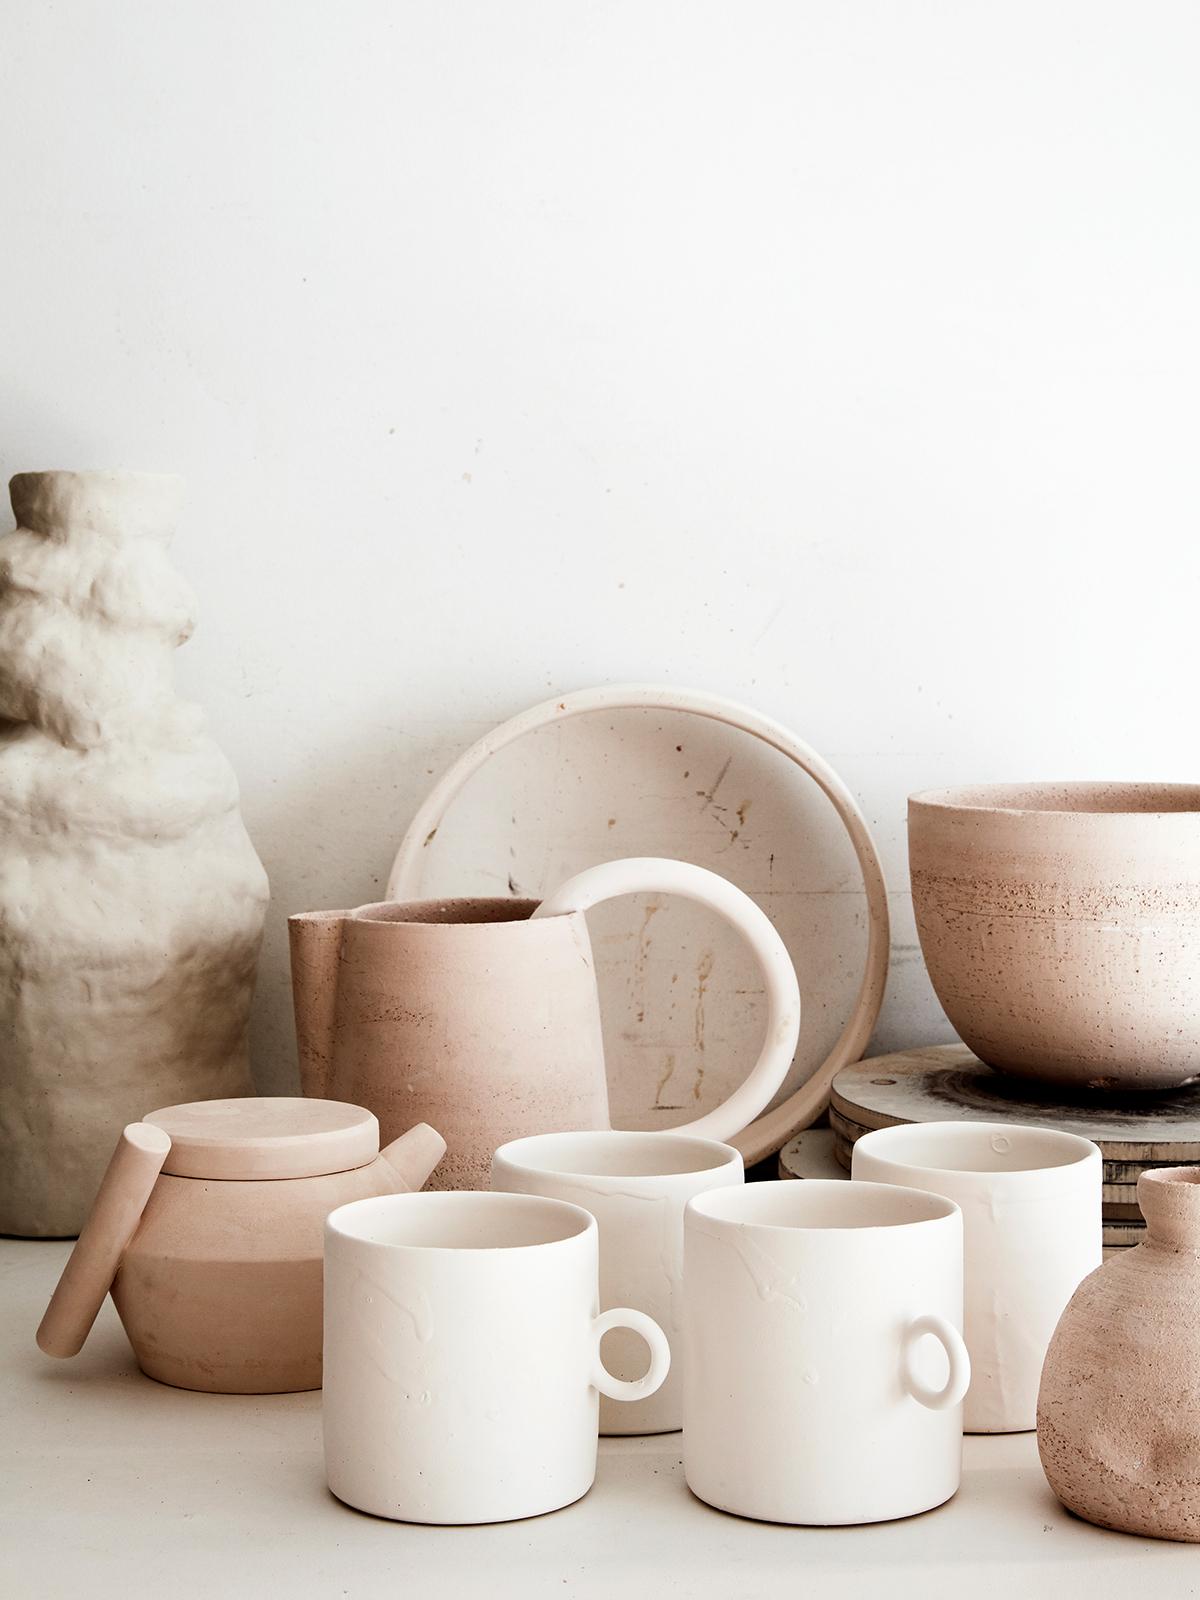 ilaria fatone - japandi, subtle art of minimalism